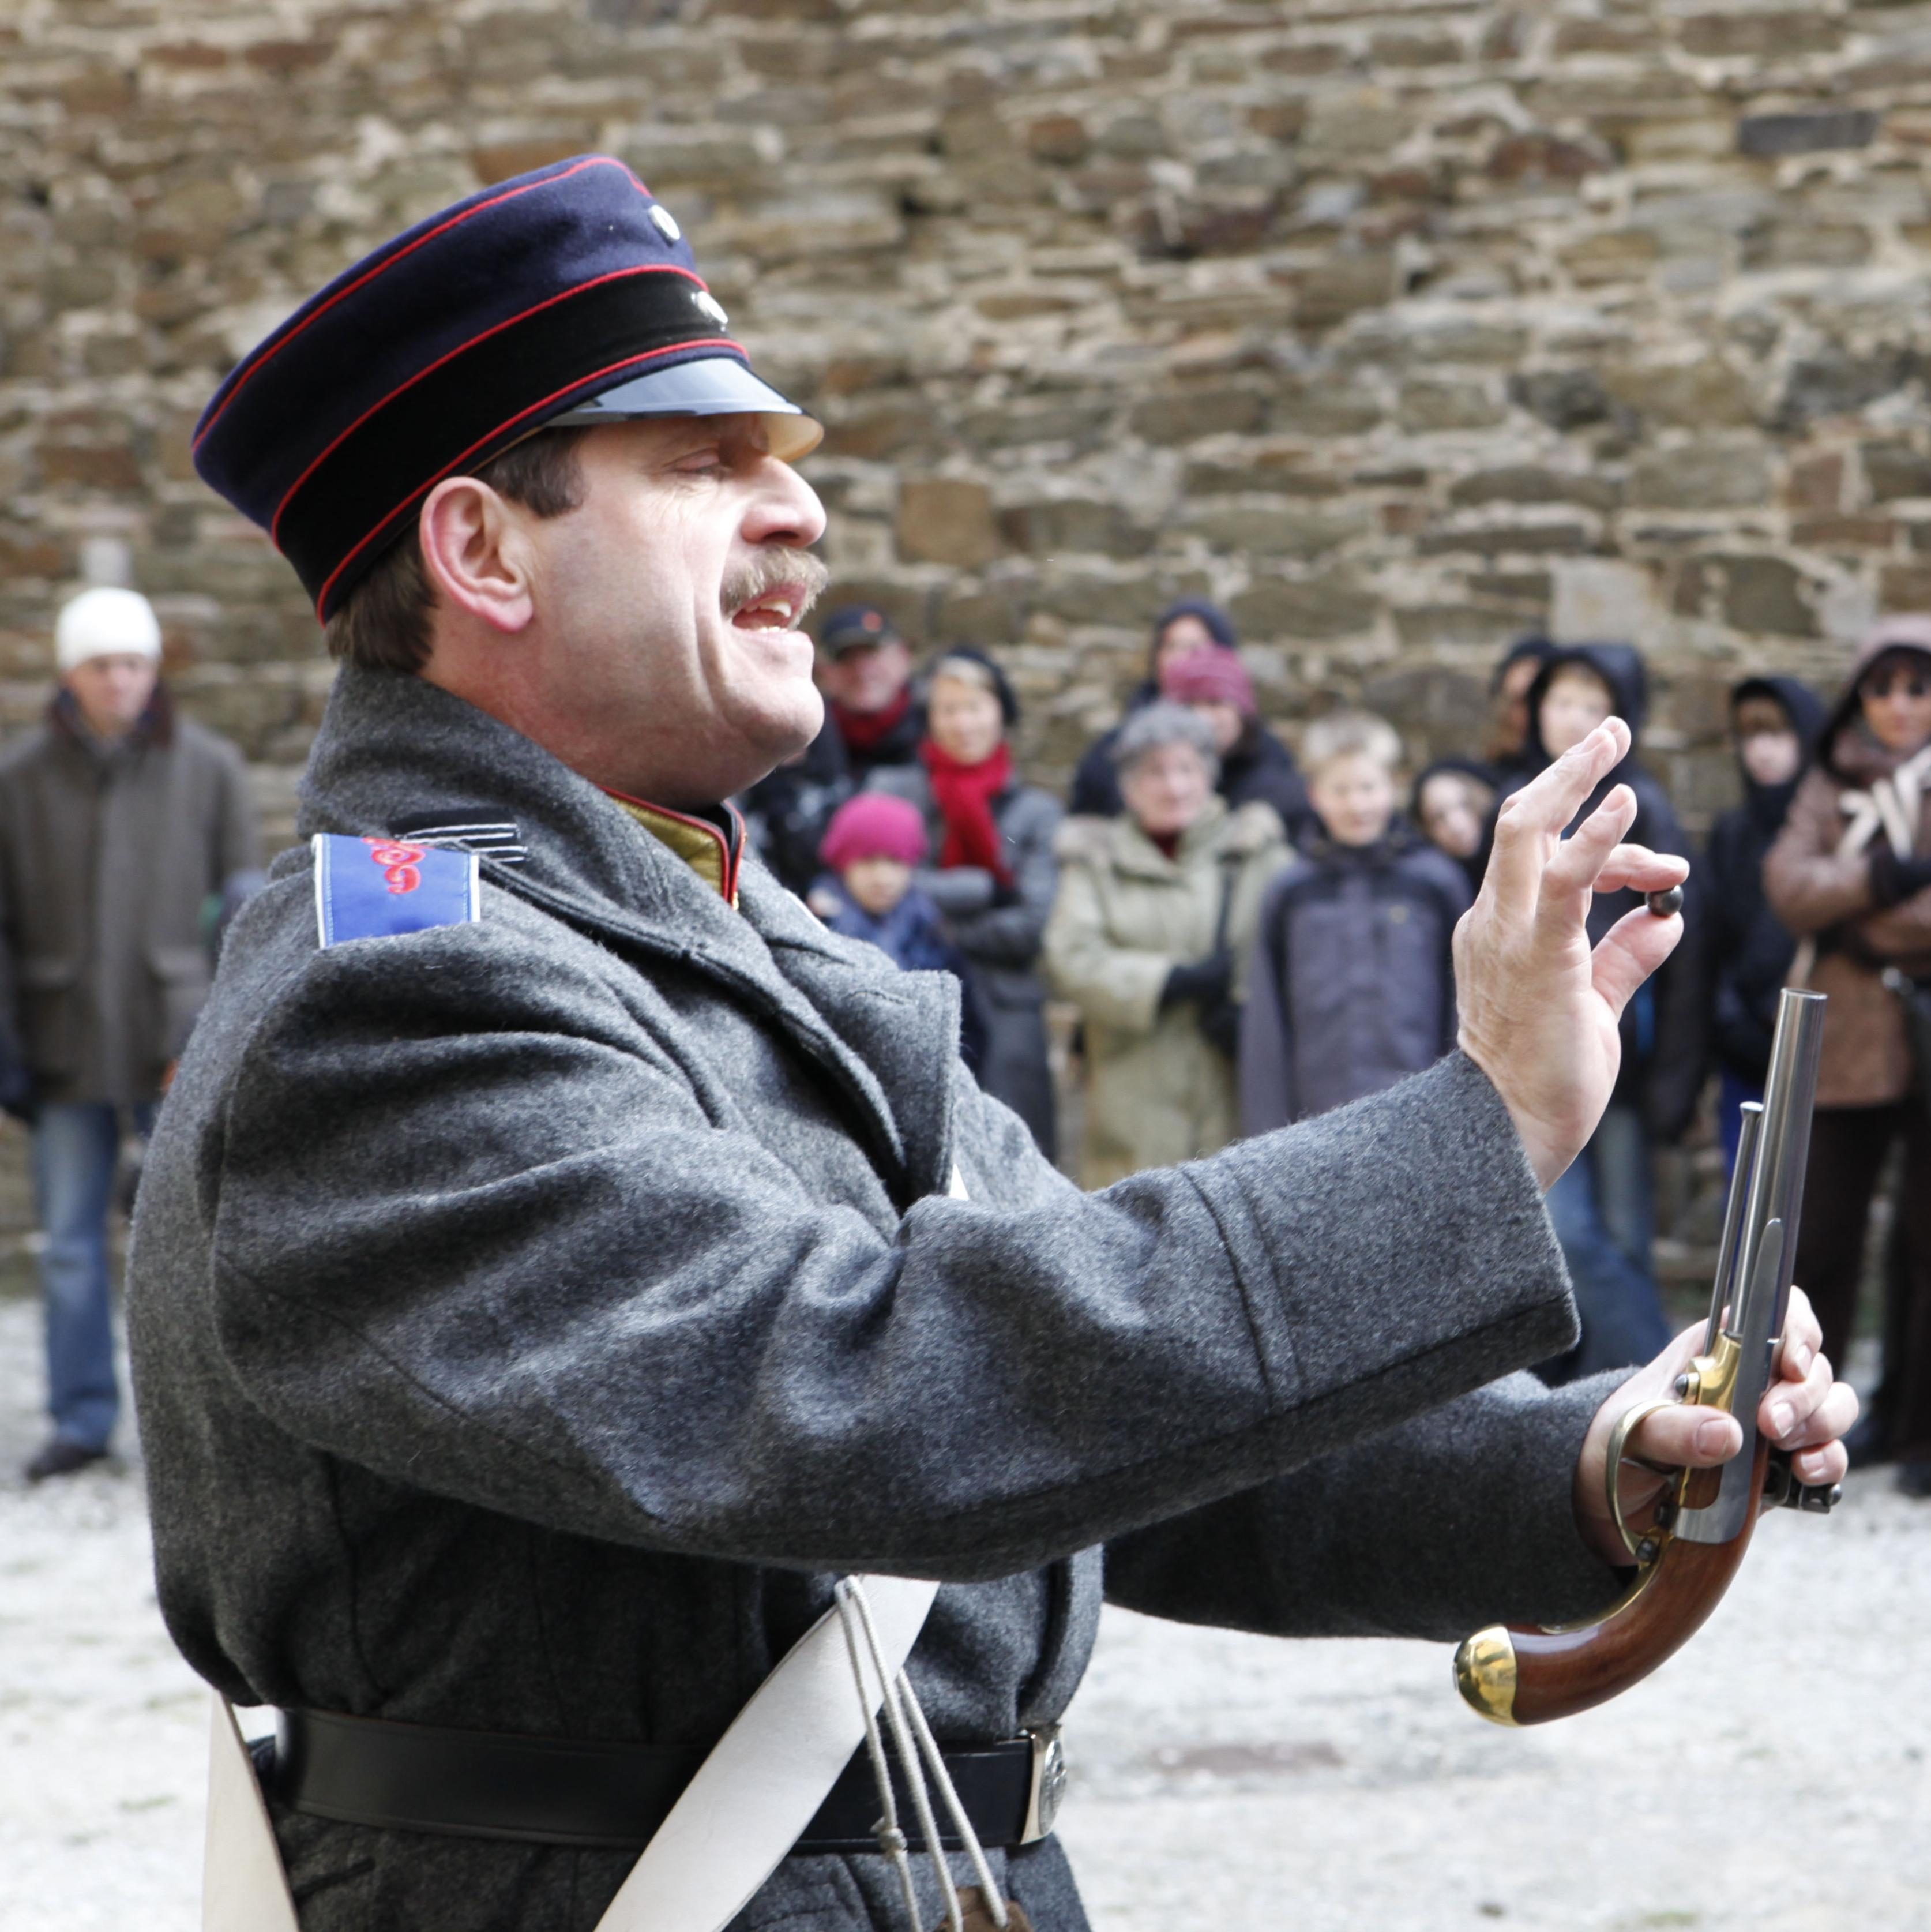 Der Festungskanonier © Kulturzentrum Festung Ehrenbreitstein GDKE